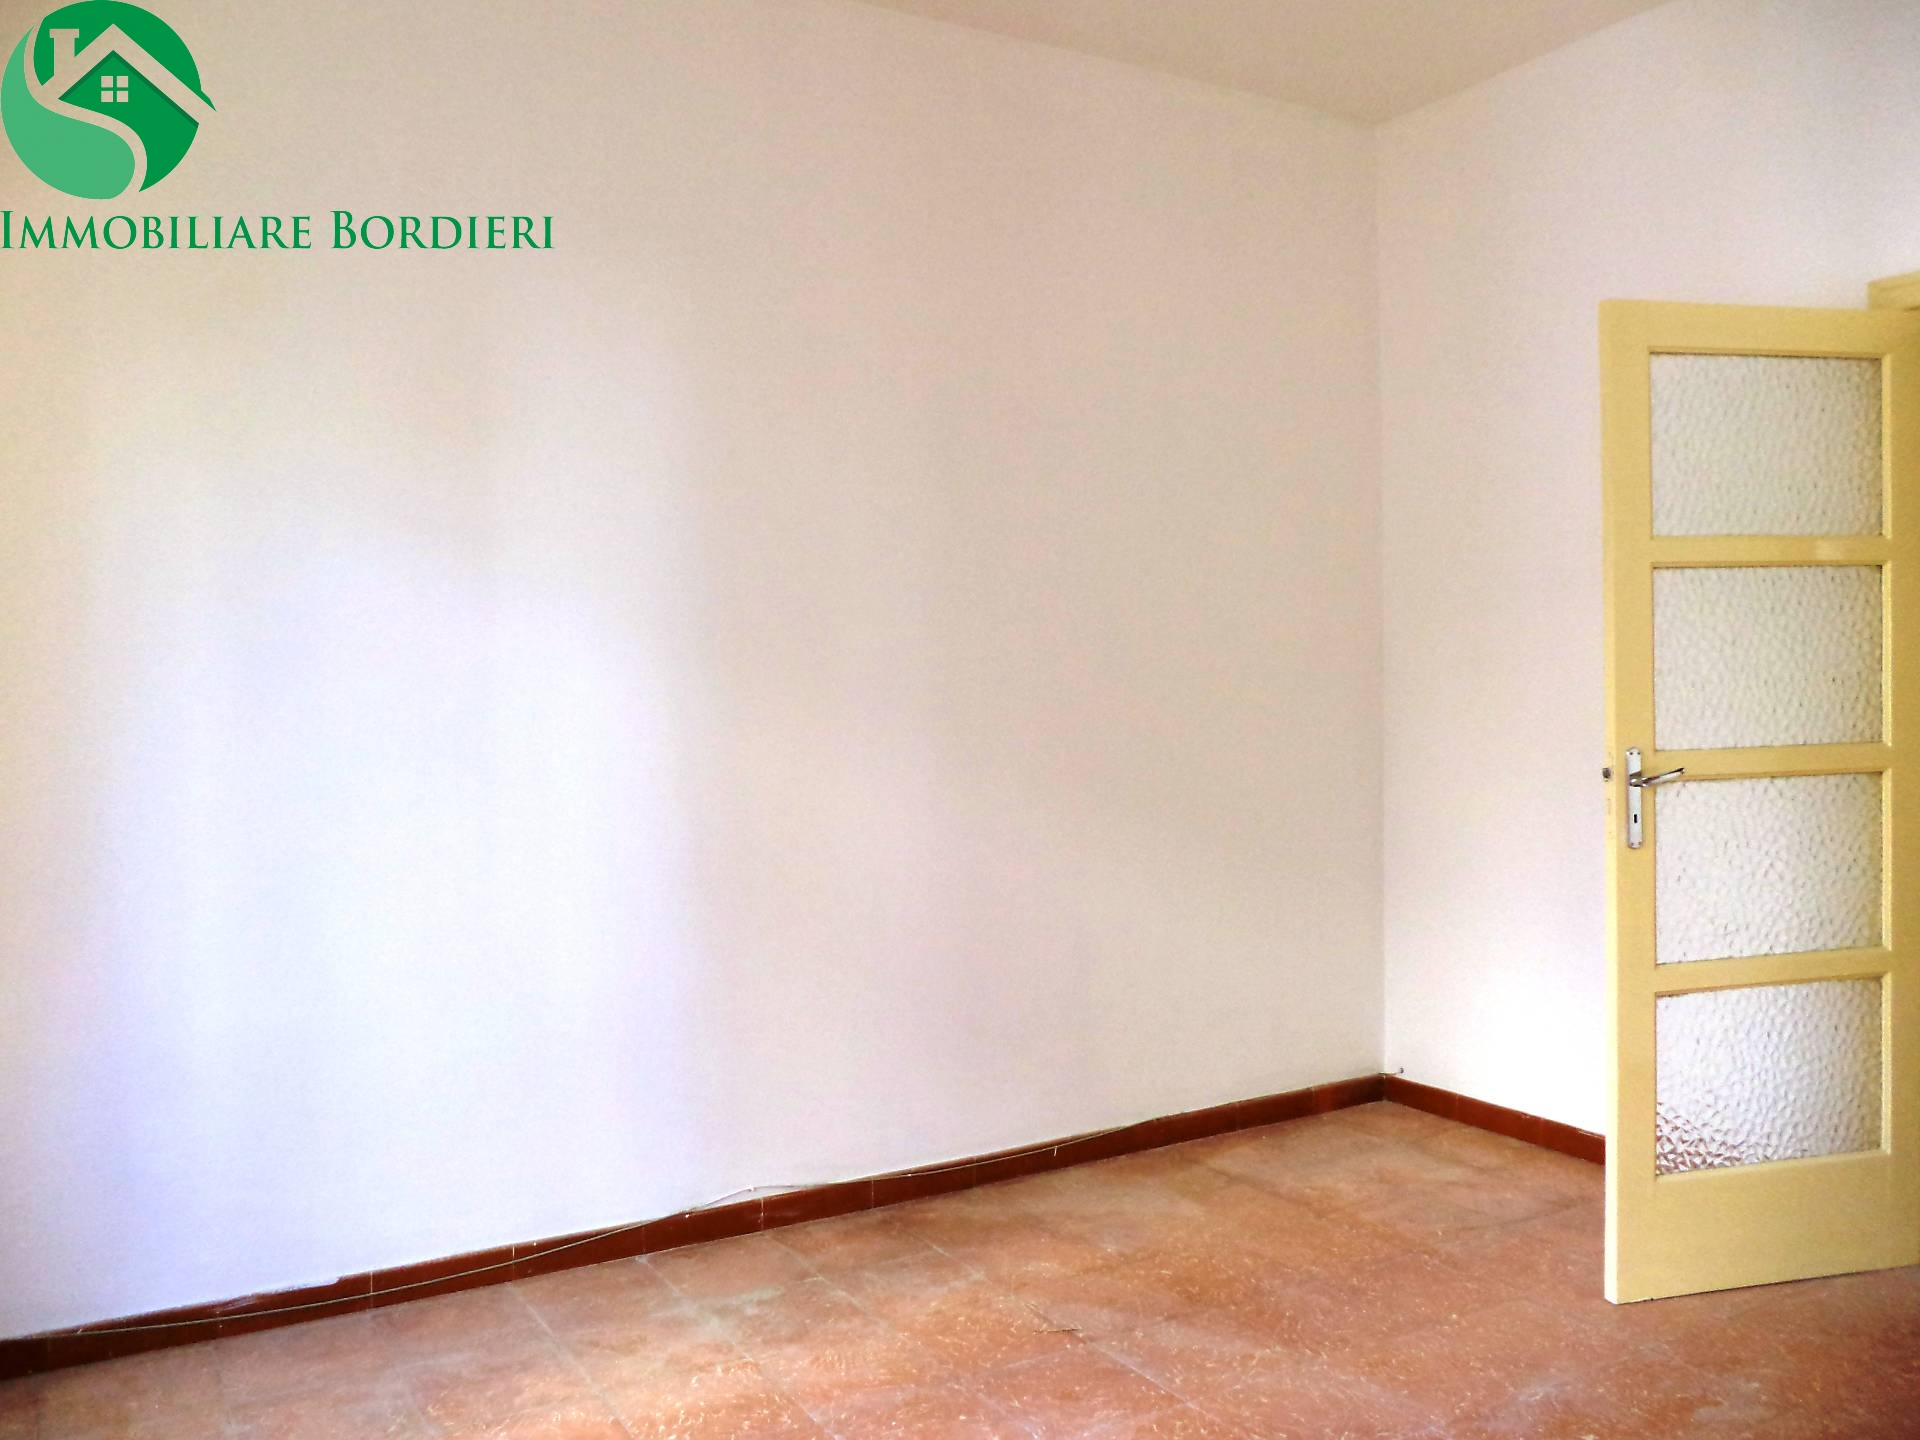 Appartamento in affitto a Siracusa, 3 locali, zona Località: Teocrito, prezzo € 600 | Cambio Casa.it